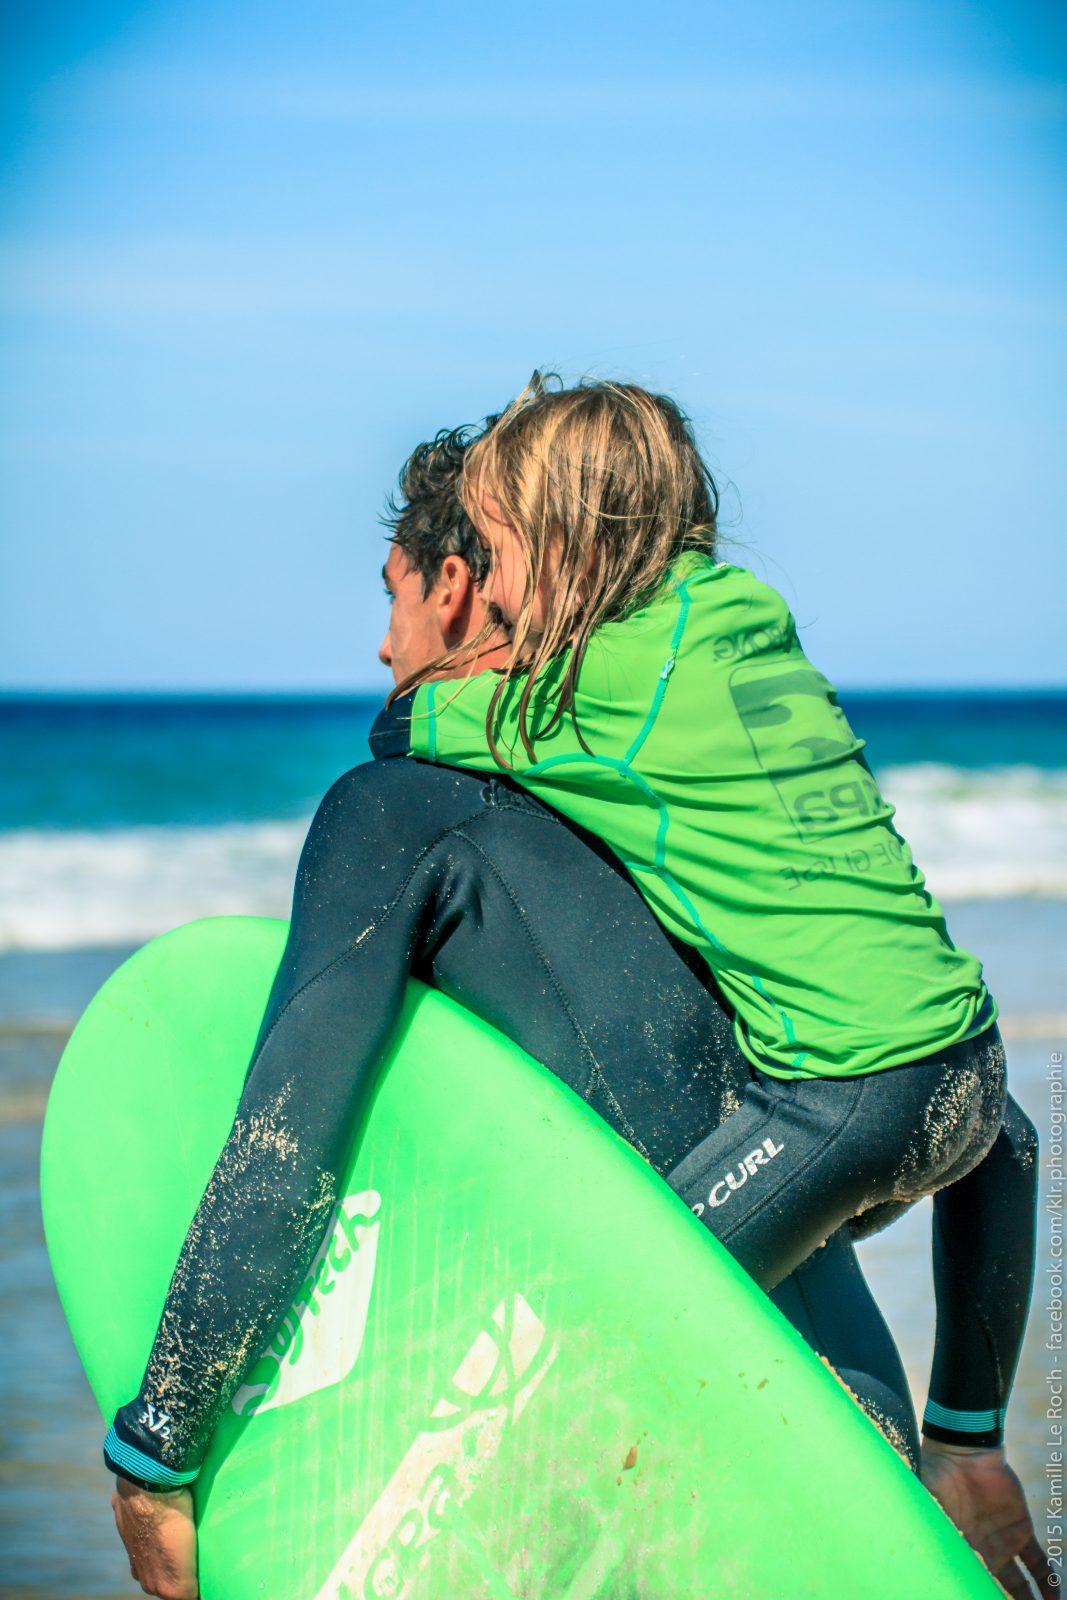 Pirate Surfing Surf Lacanau (9)